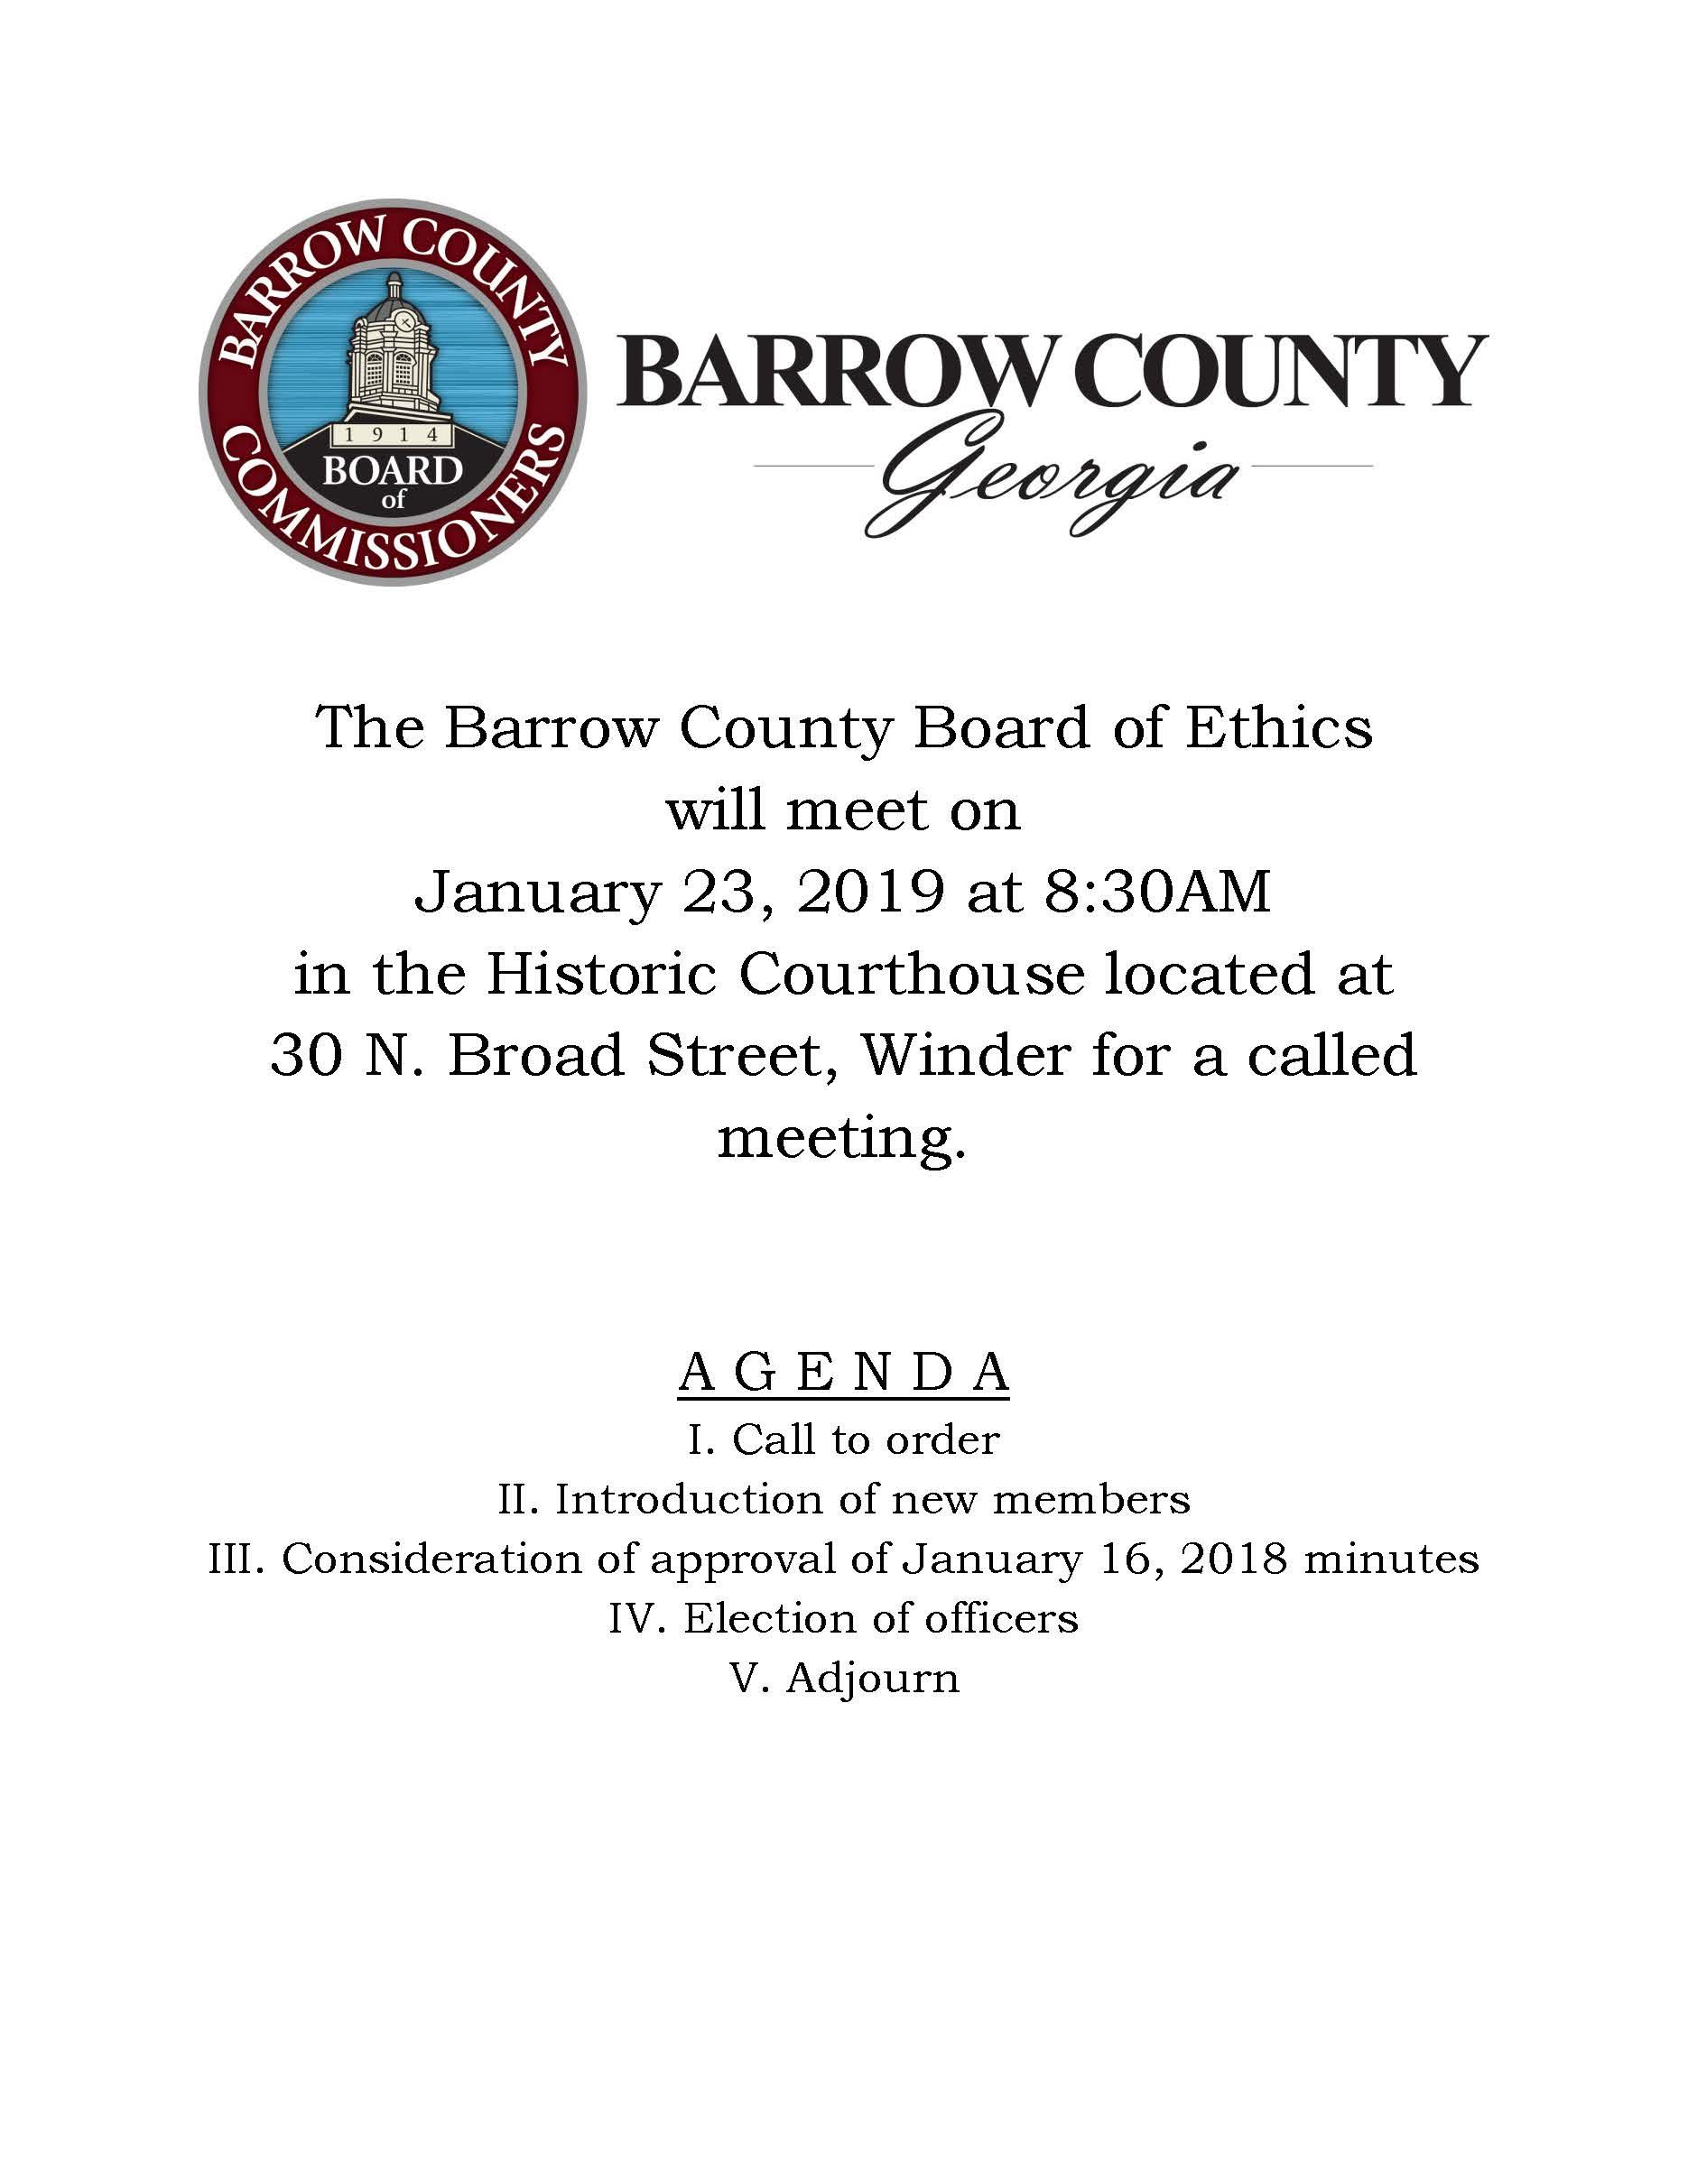 Barrow County Georgia Official Website